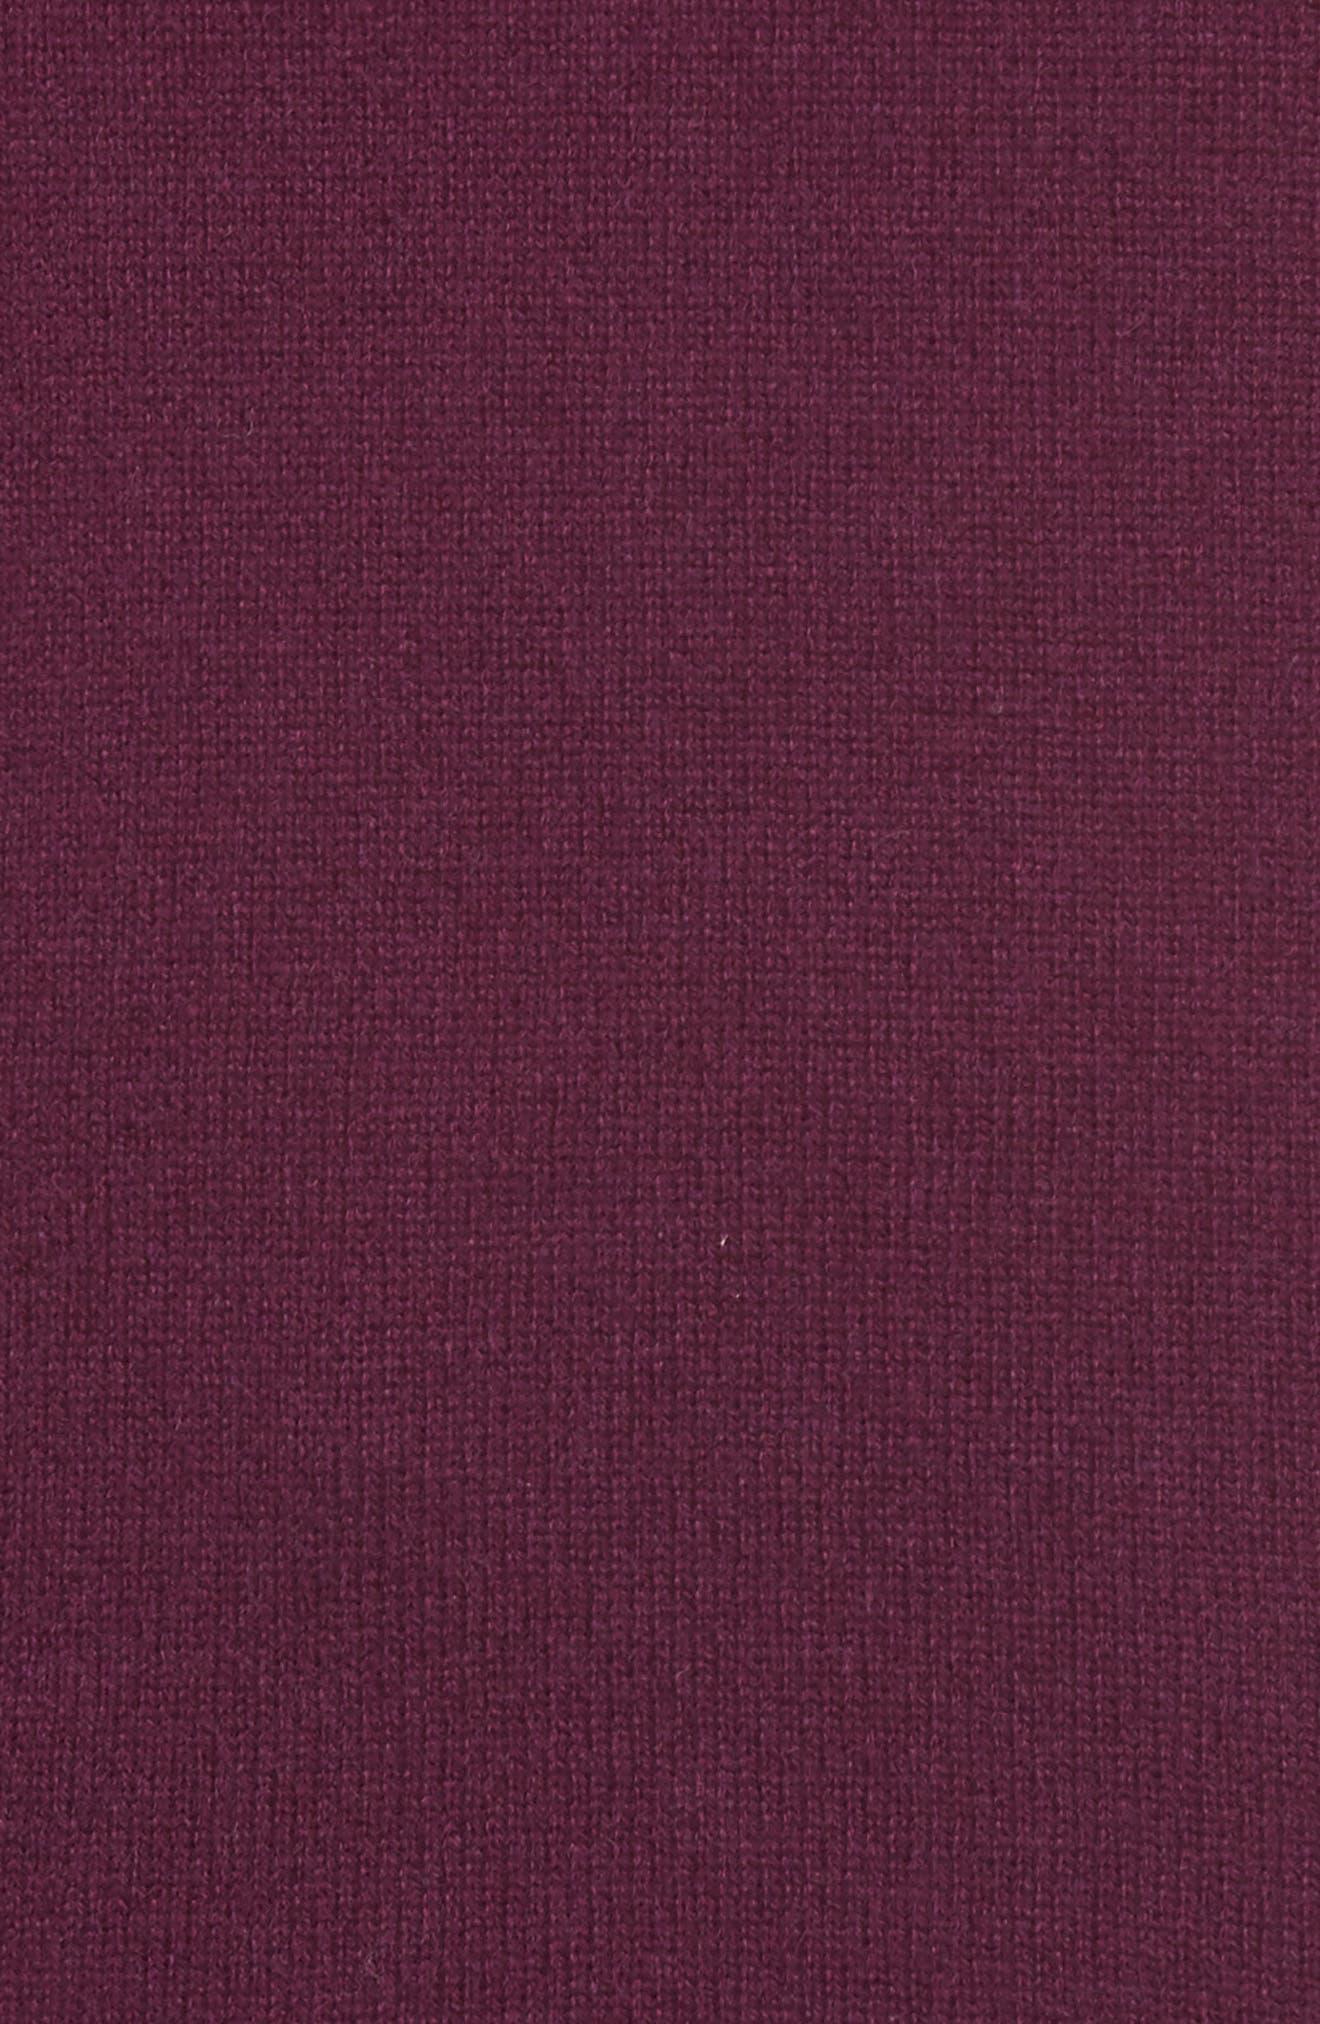 Alternate Image 5  - Halogen® V-Neck Cashmere Sweater (Regular & Petite)